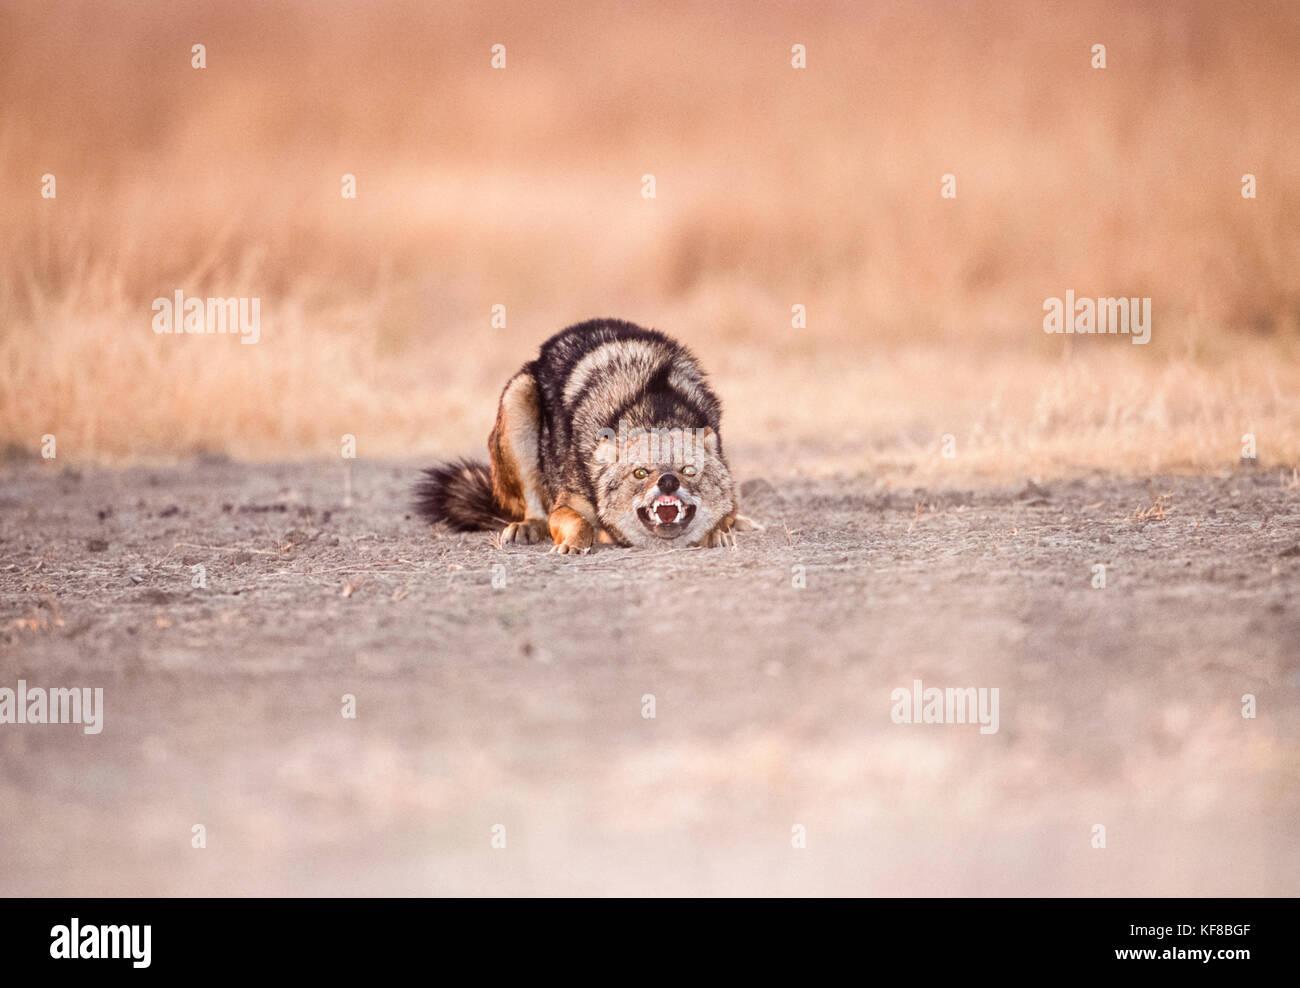 Indian jackal, Canis aureus indicus, montrant un comportement de soumission, le parc national de Keoladeo ghana, bharatpur, Rajasthan, Inde Banque D'Images